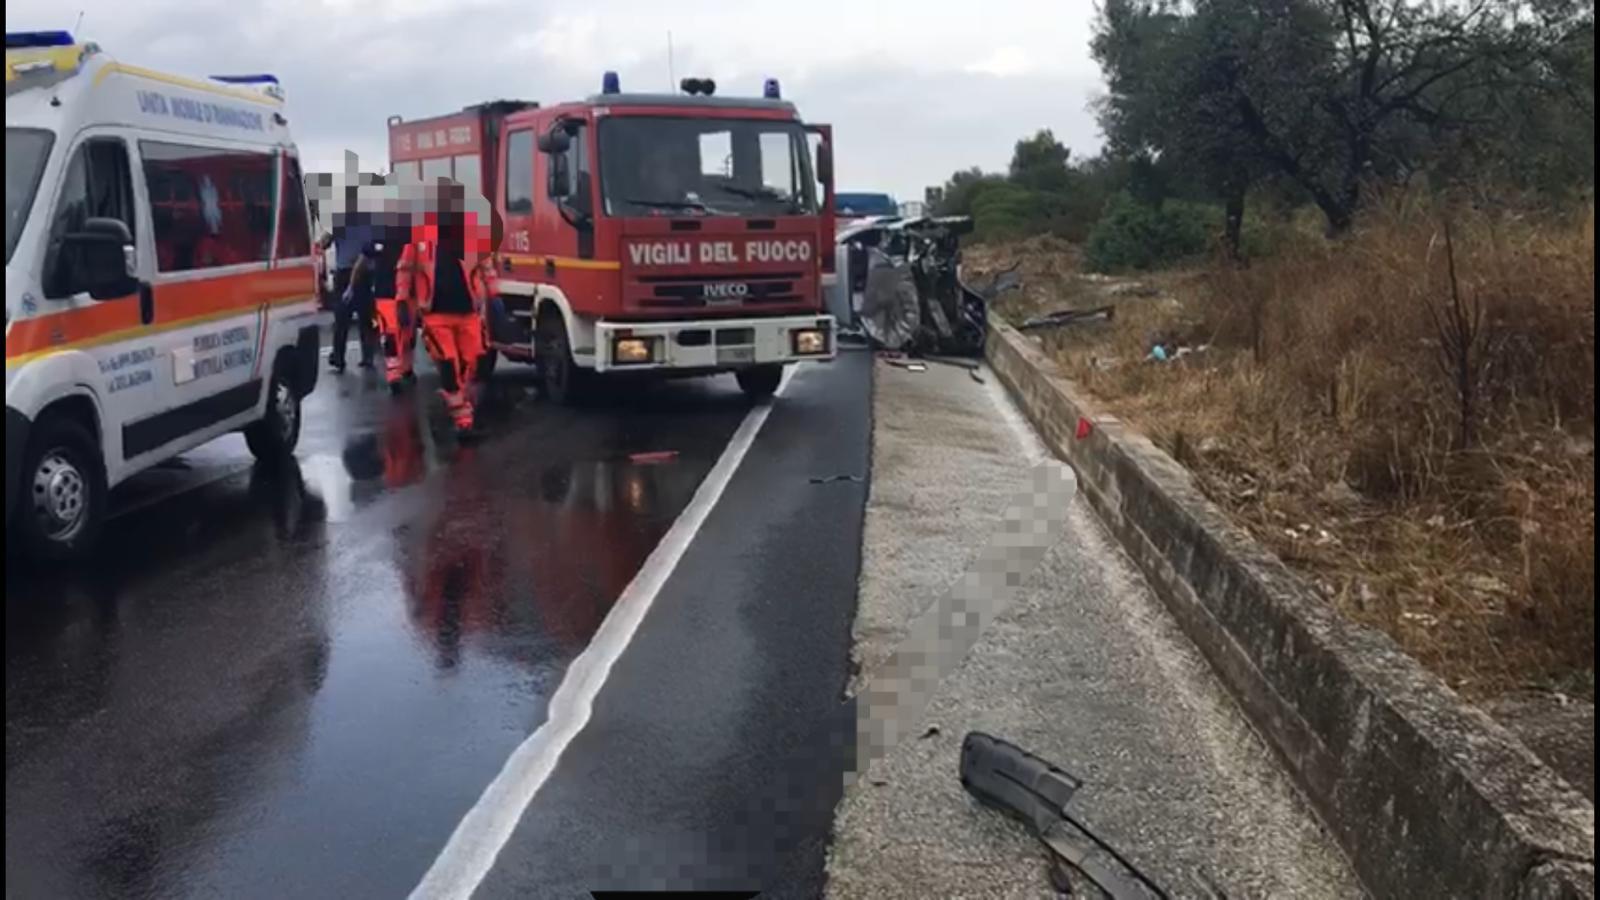 incidente castellaneta taranto ss 106 morti 9 dicembre